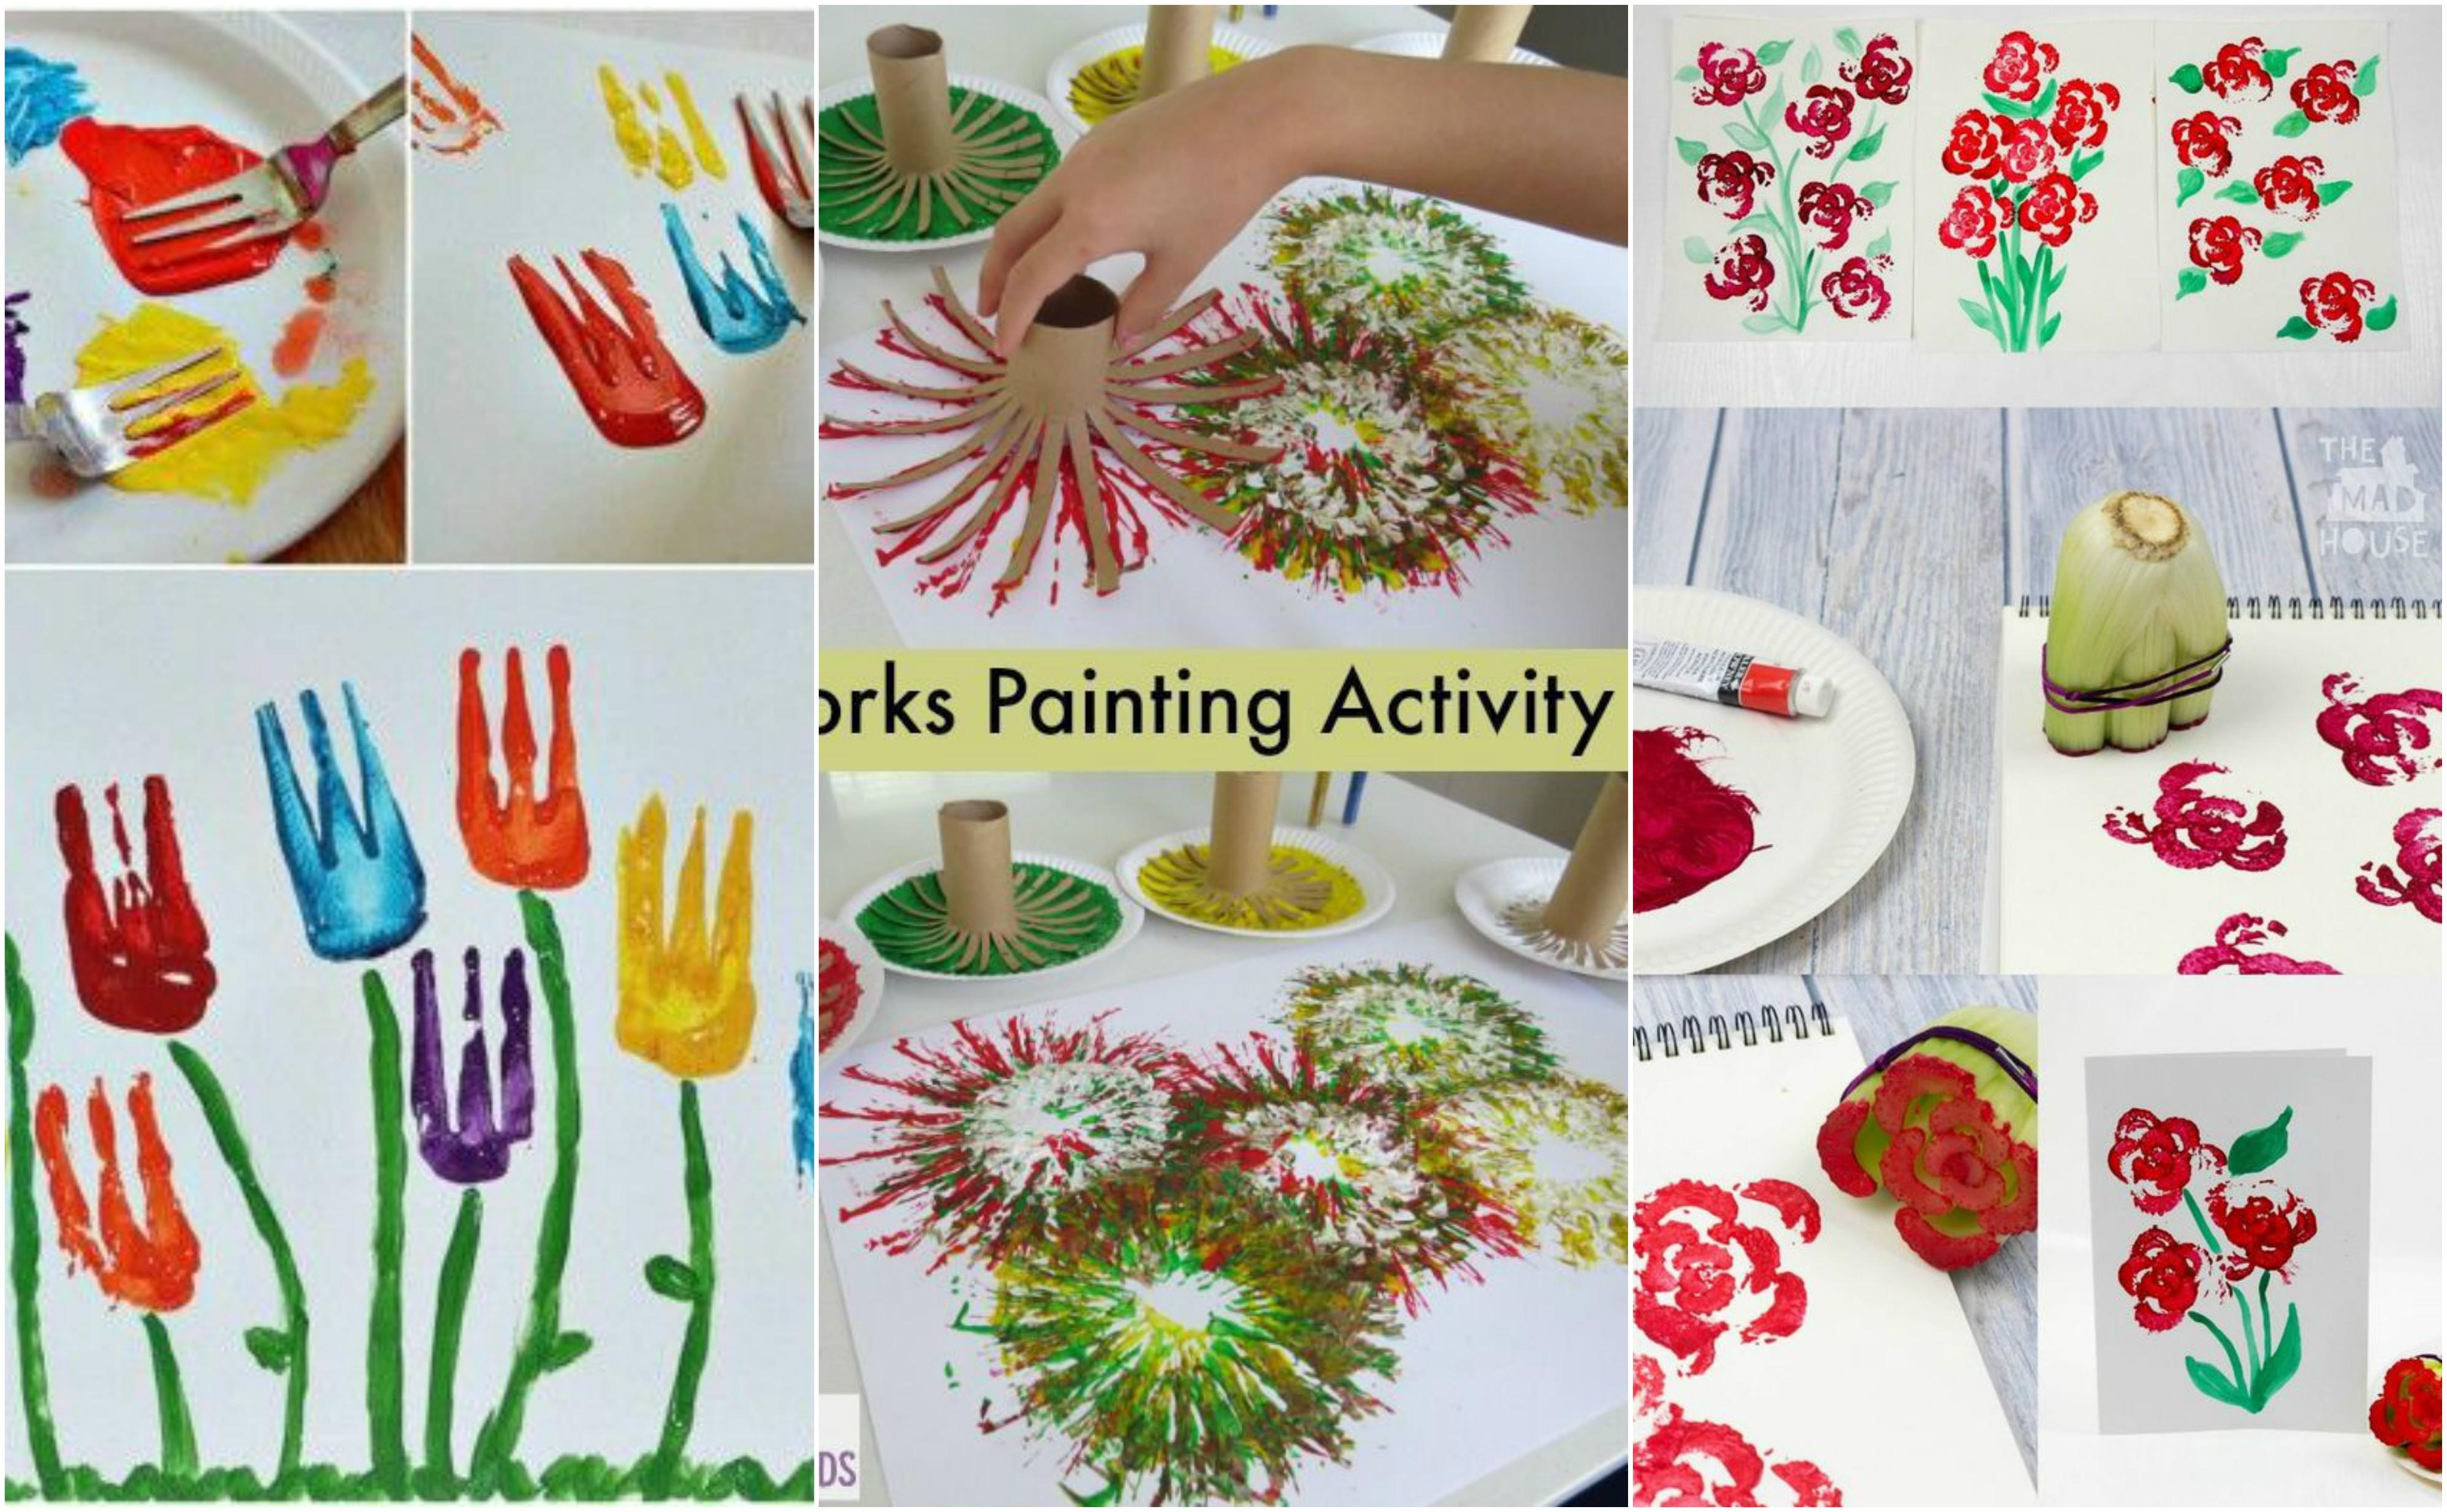 Malen Mit Kleinkindern Ideen : malen aktivit ten mit kindern 10 kreative ideen ~ Watch28wear.com Haus und Dekorationen